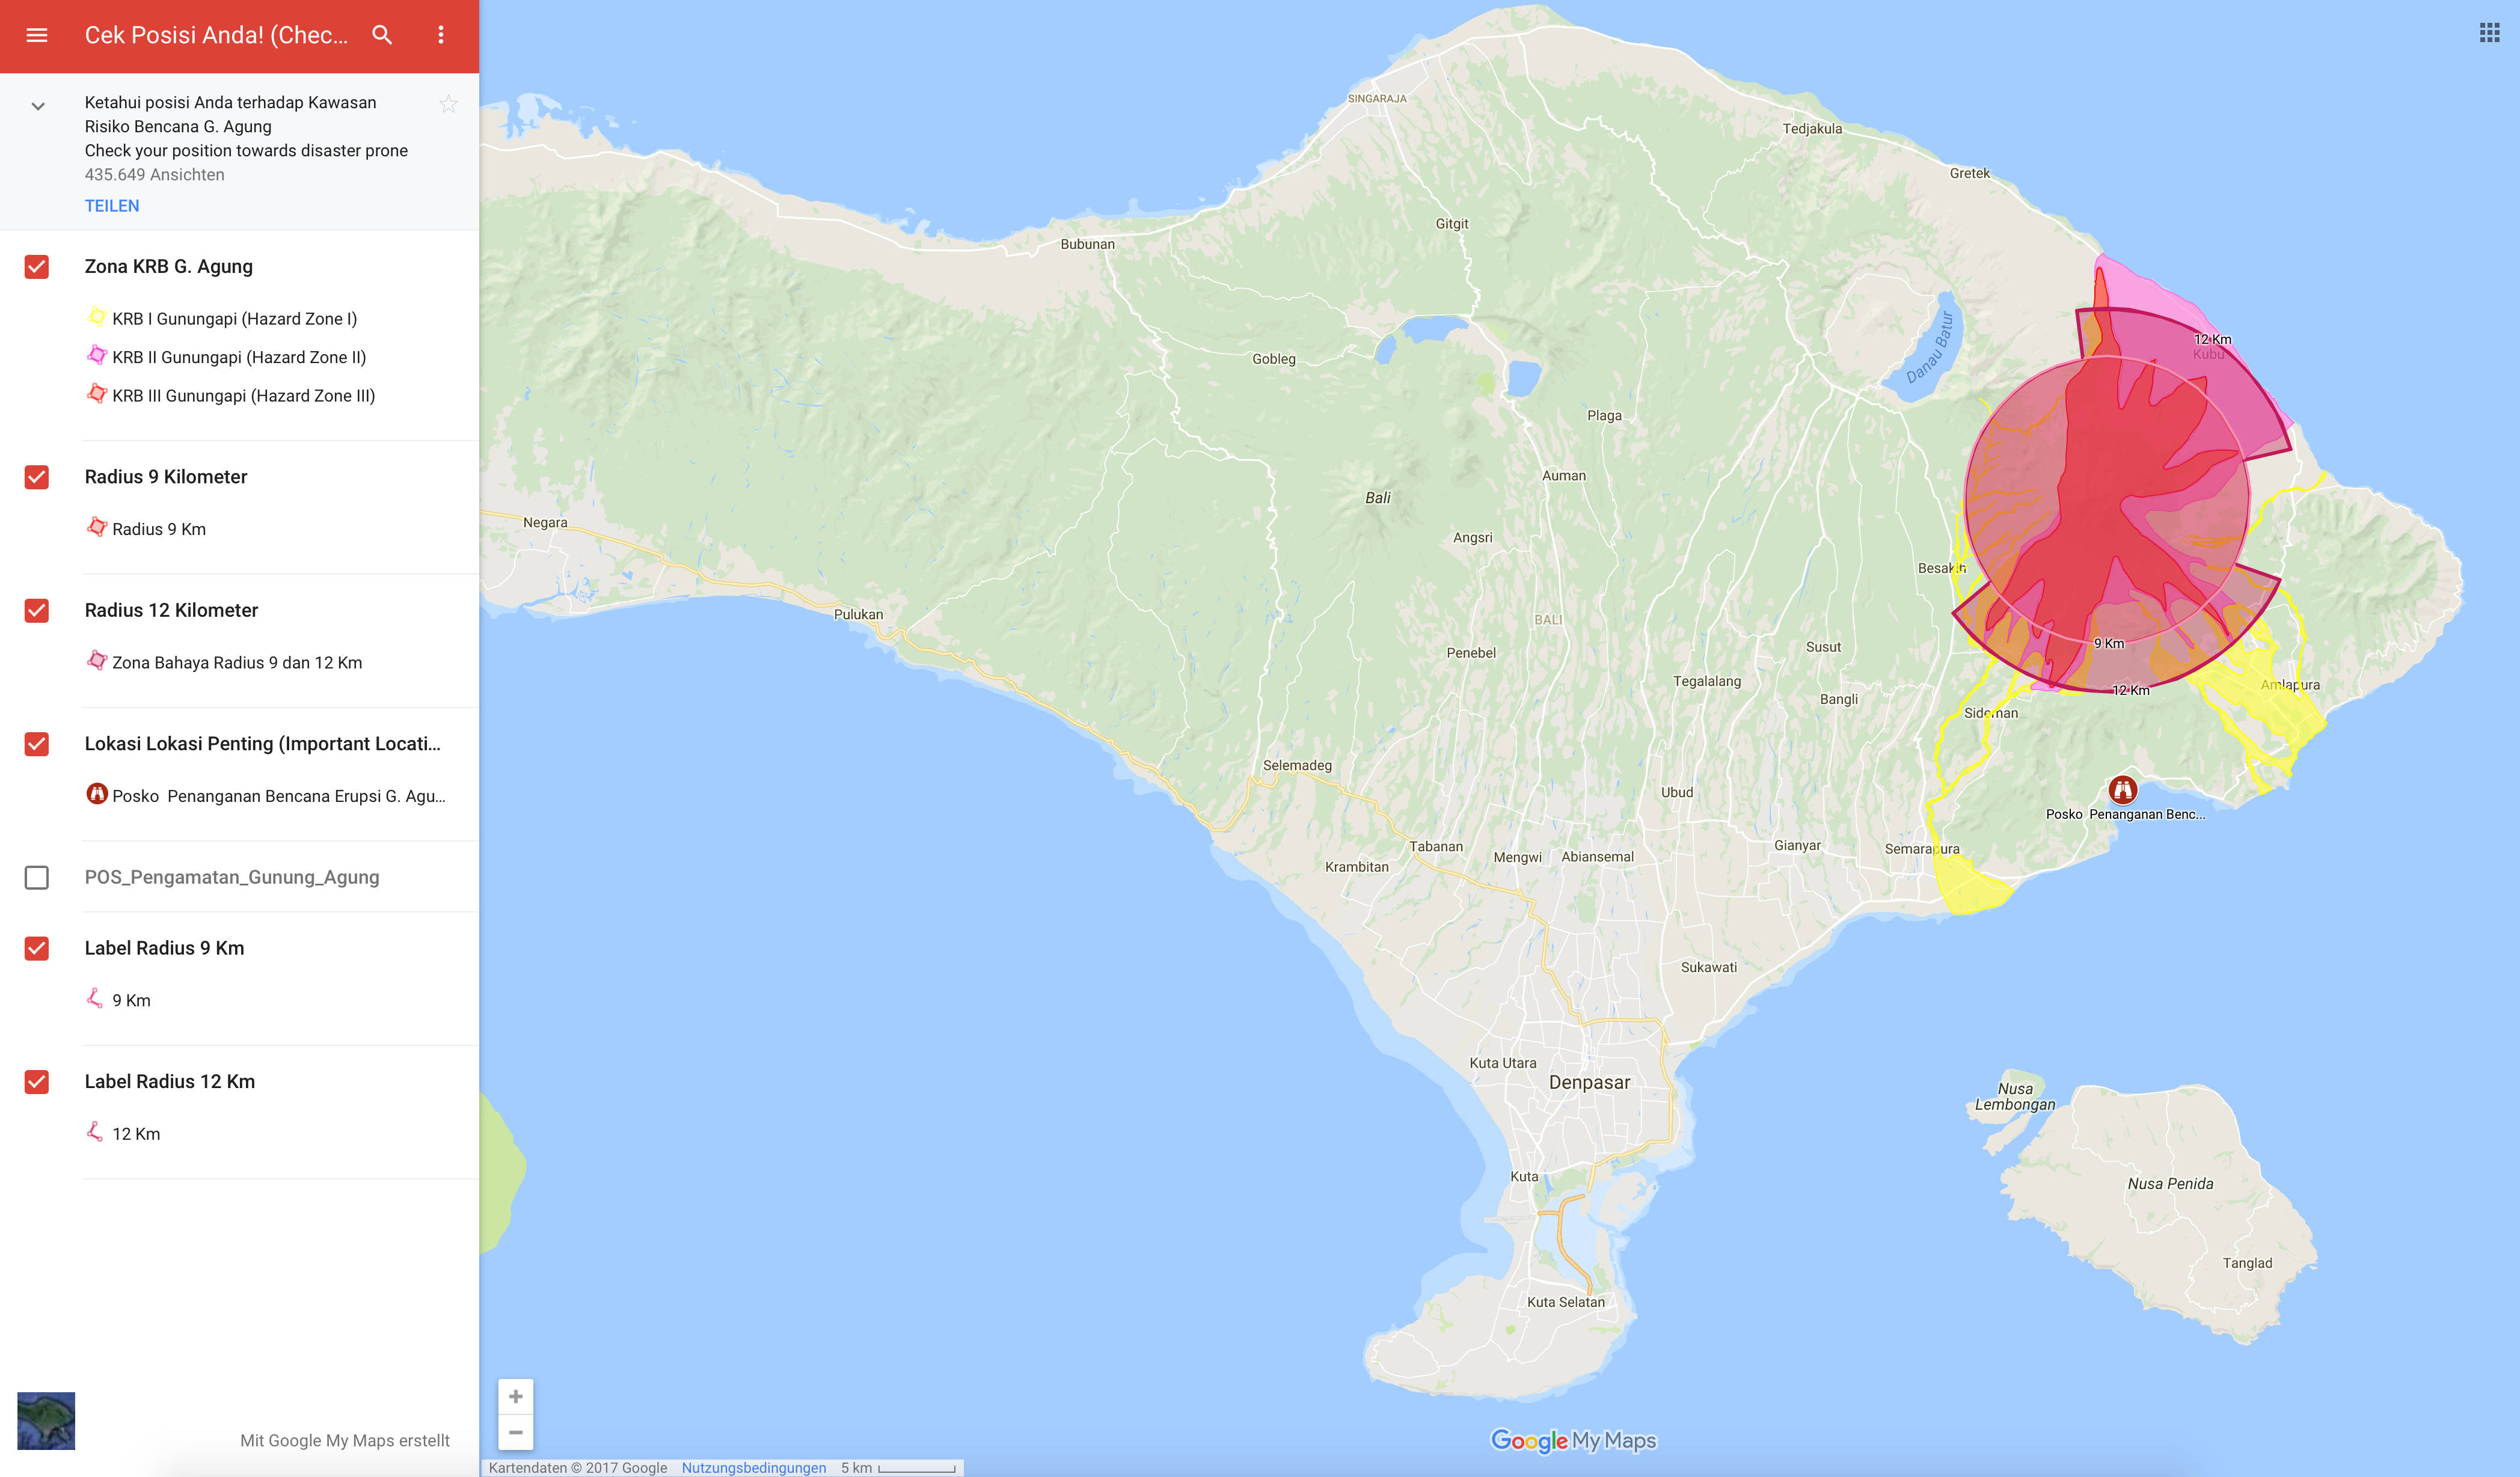 Als Surfer sollte man von dem direkten Ausbruch wohl nicht betroffen werden. Zumindest laut der Gefahrenzonenkarte rund um den Vulkan Agung.